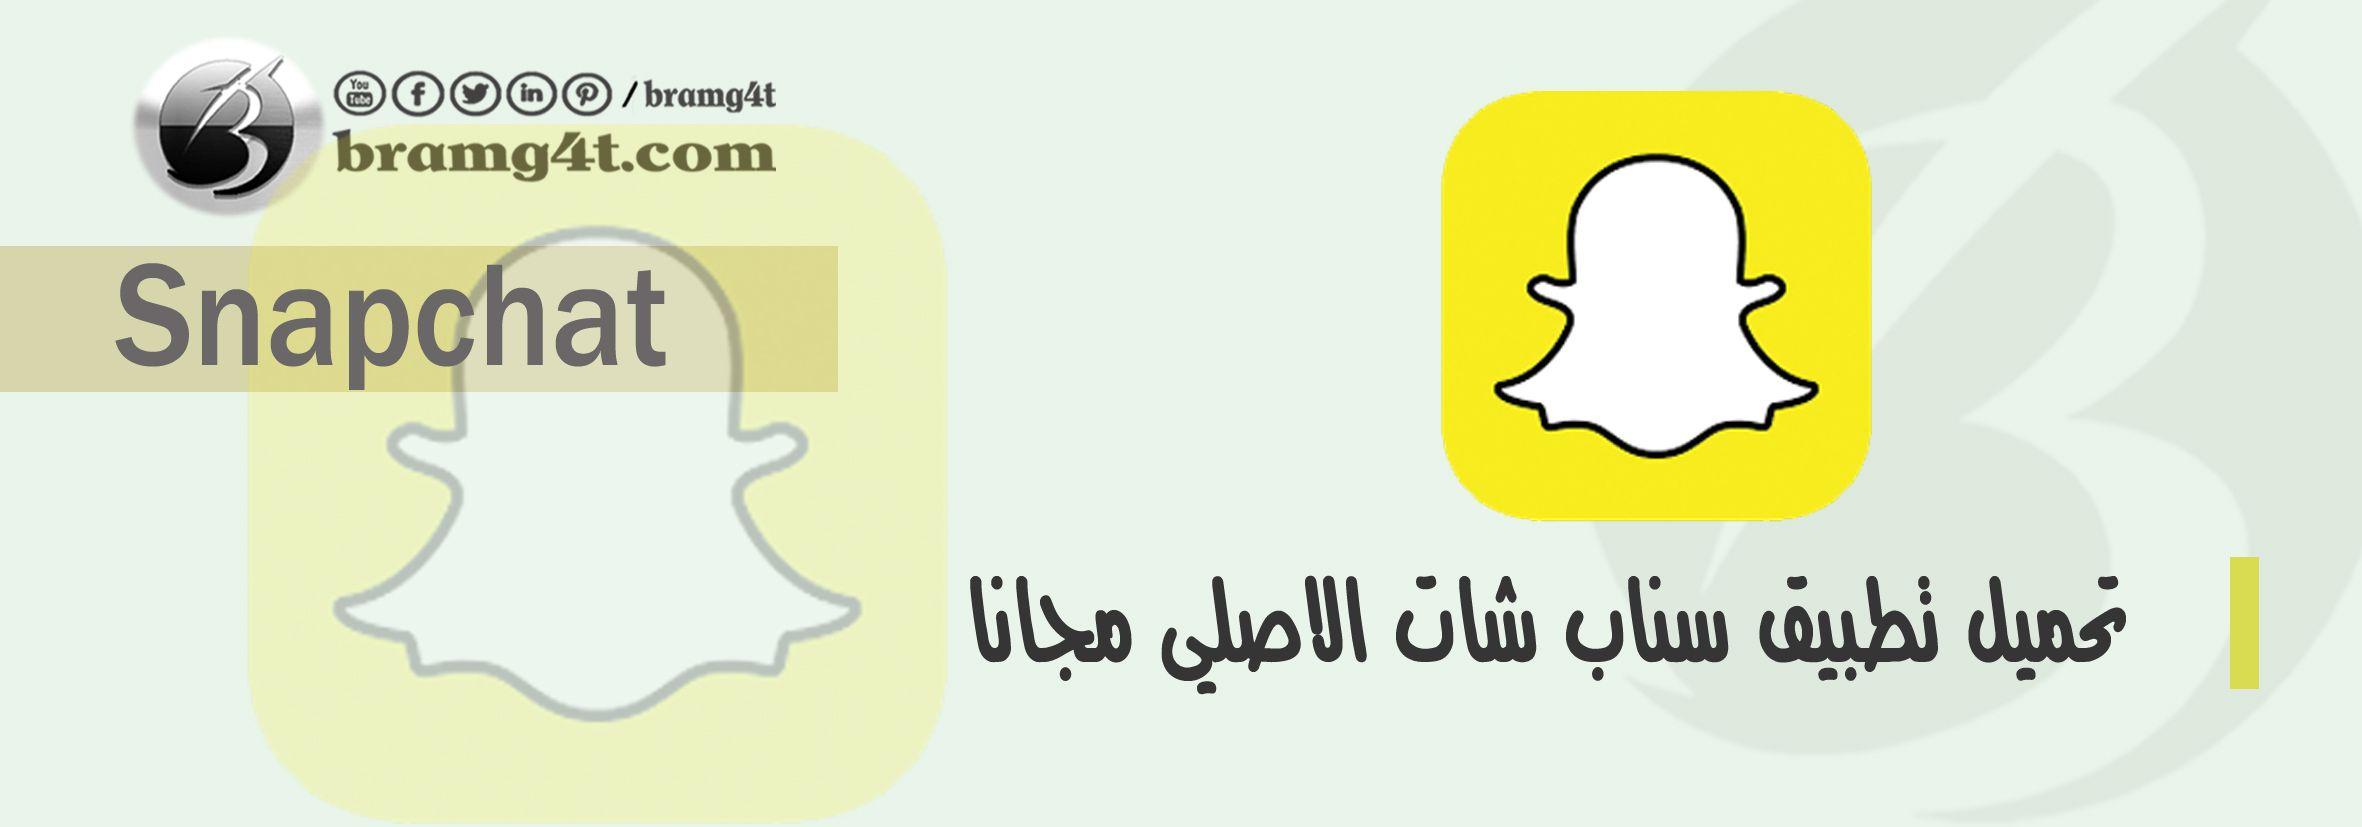 تنزيل تطبيق سناب شات الاصلي لـ أندرويد Snapchat Apk Snapchat Screenshot Snapchat